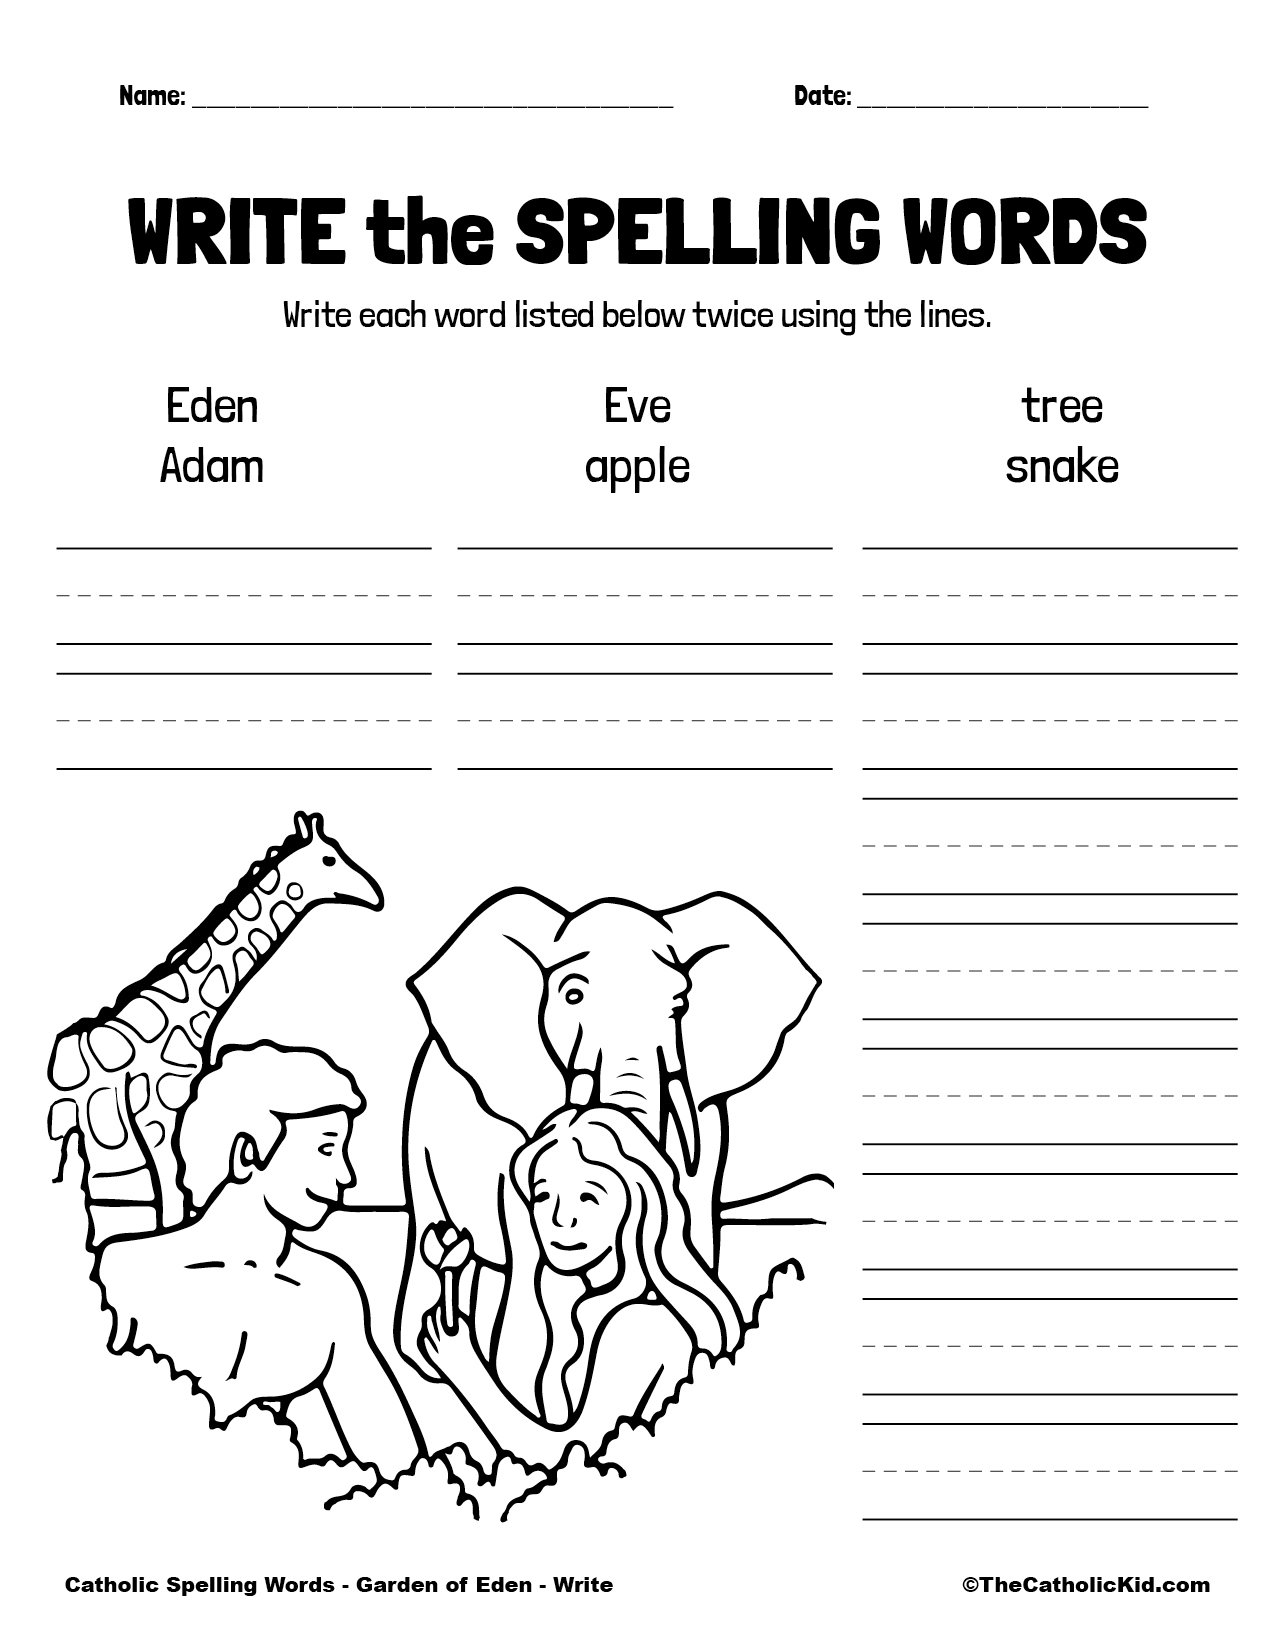 Catholic Spelling & Vocabulary Words Garden of Eden Worksheet 3 Write